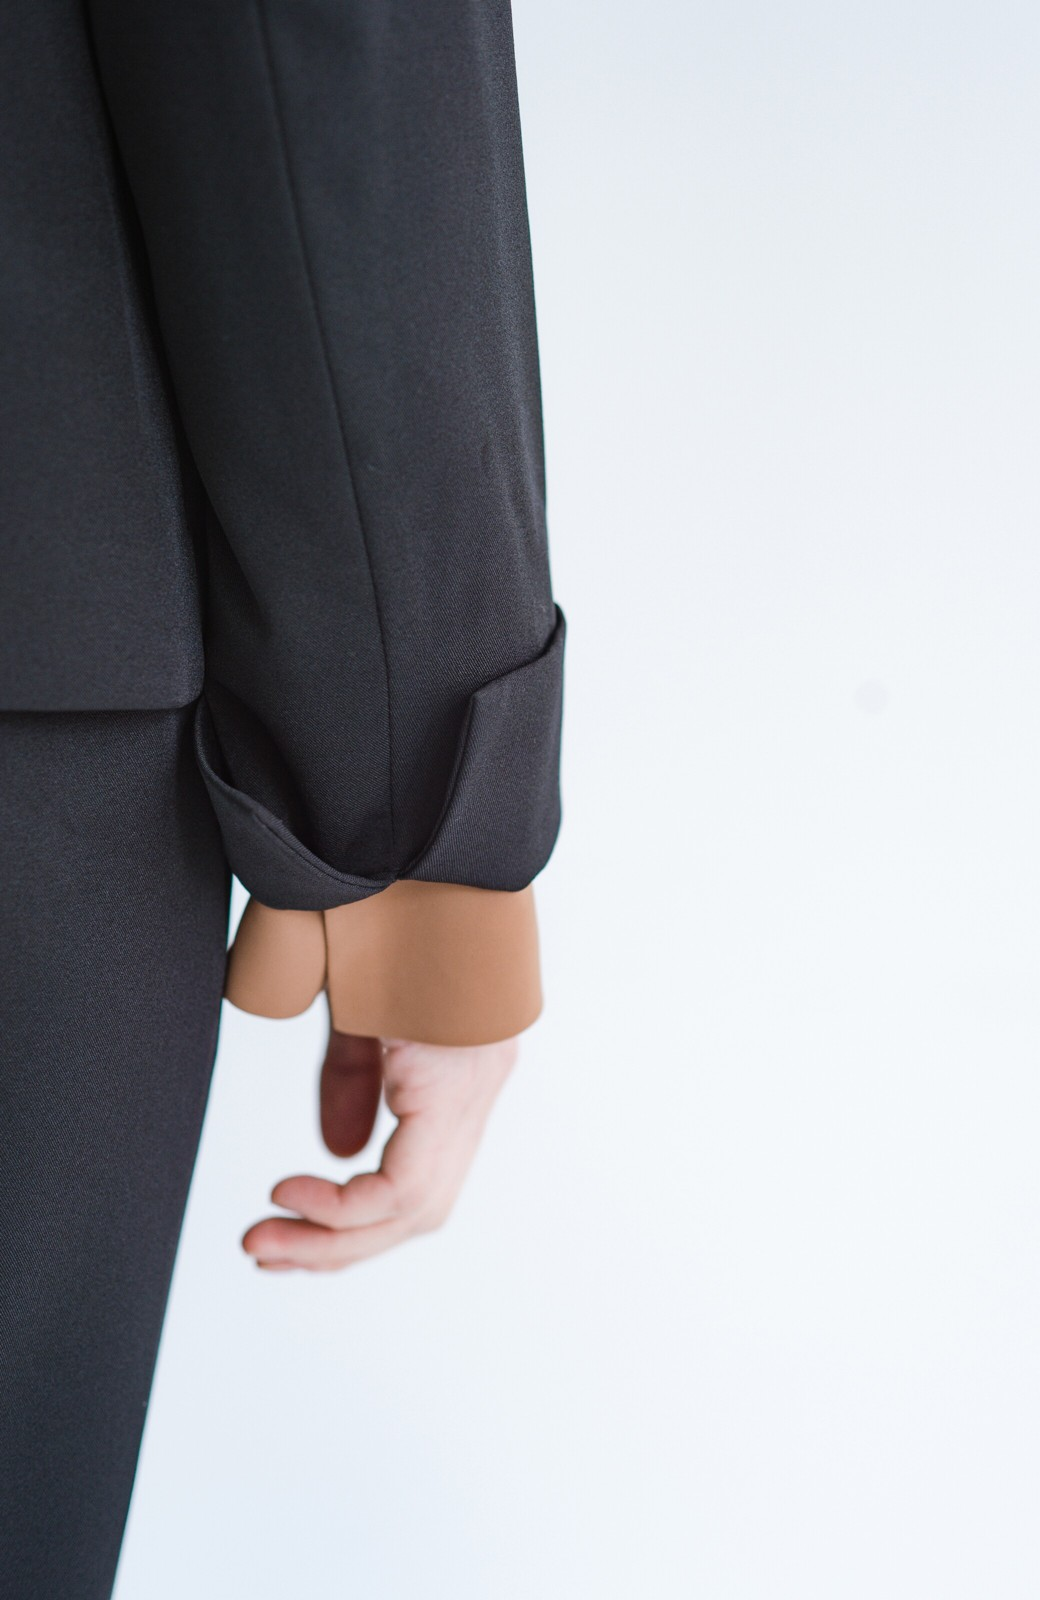 haco! 【シンプル】これさえあればきちんとシーンも怖くない!大人のシンプルジャケット・スカート2点セット <ブラック>の商品写真17